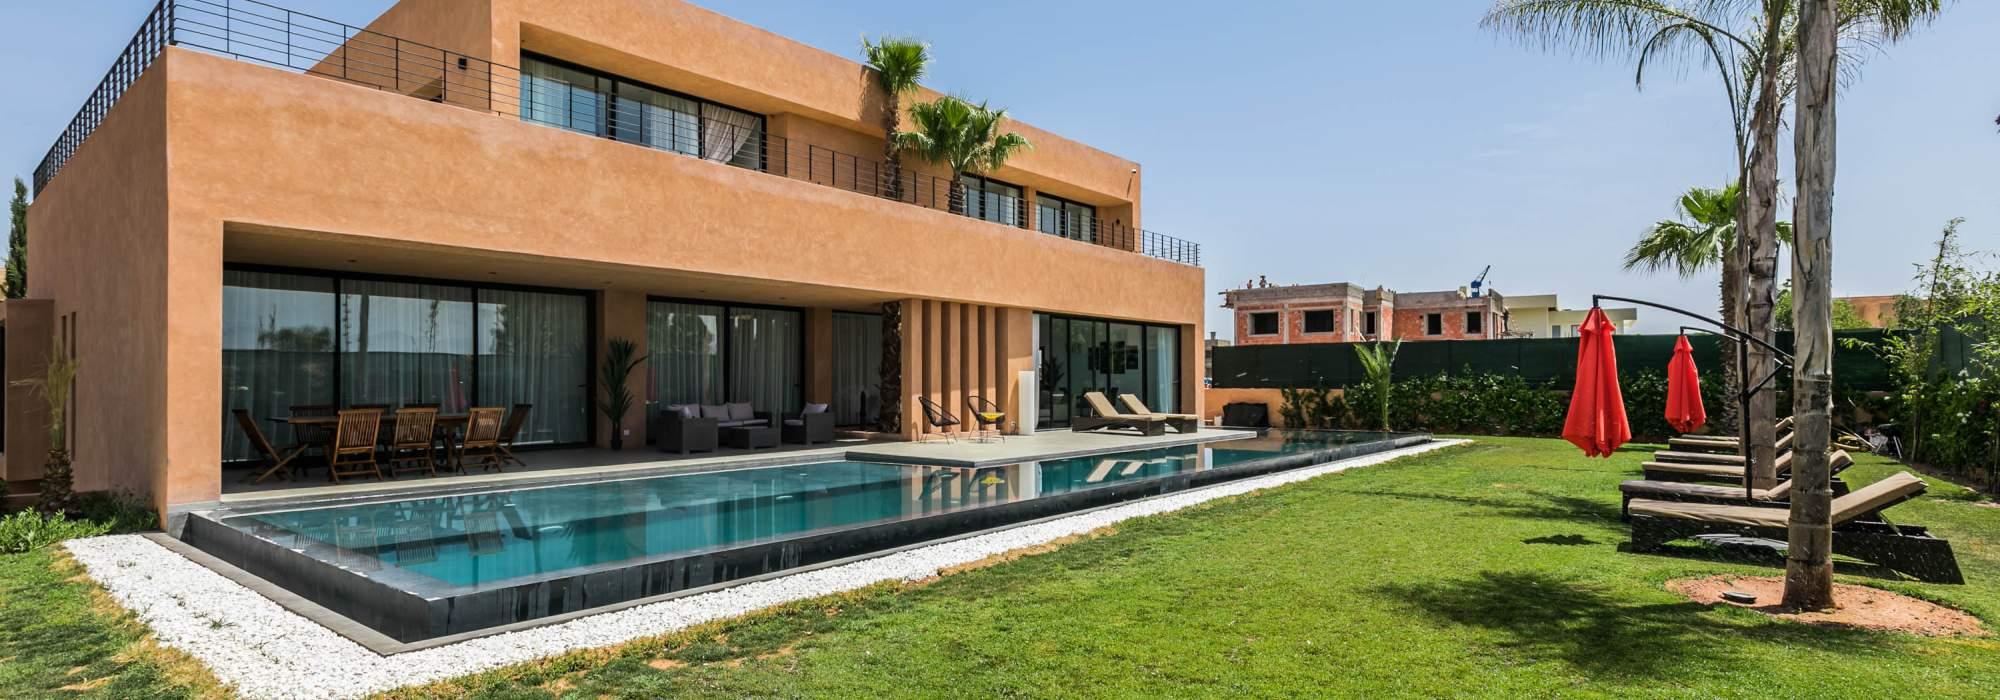 vente villa contemporaine golf amelkis marrakech